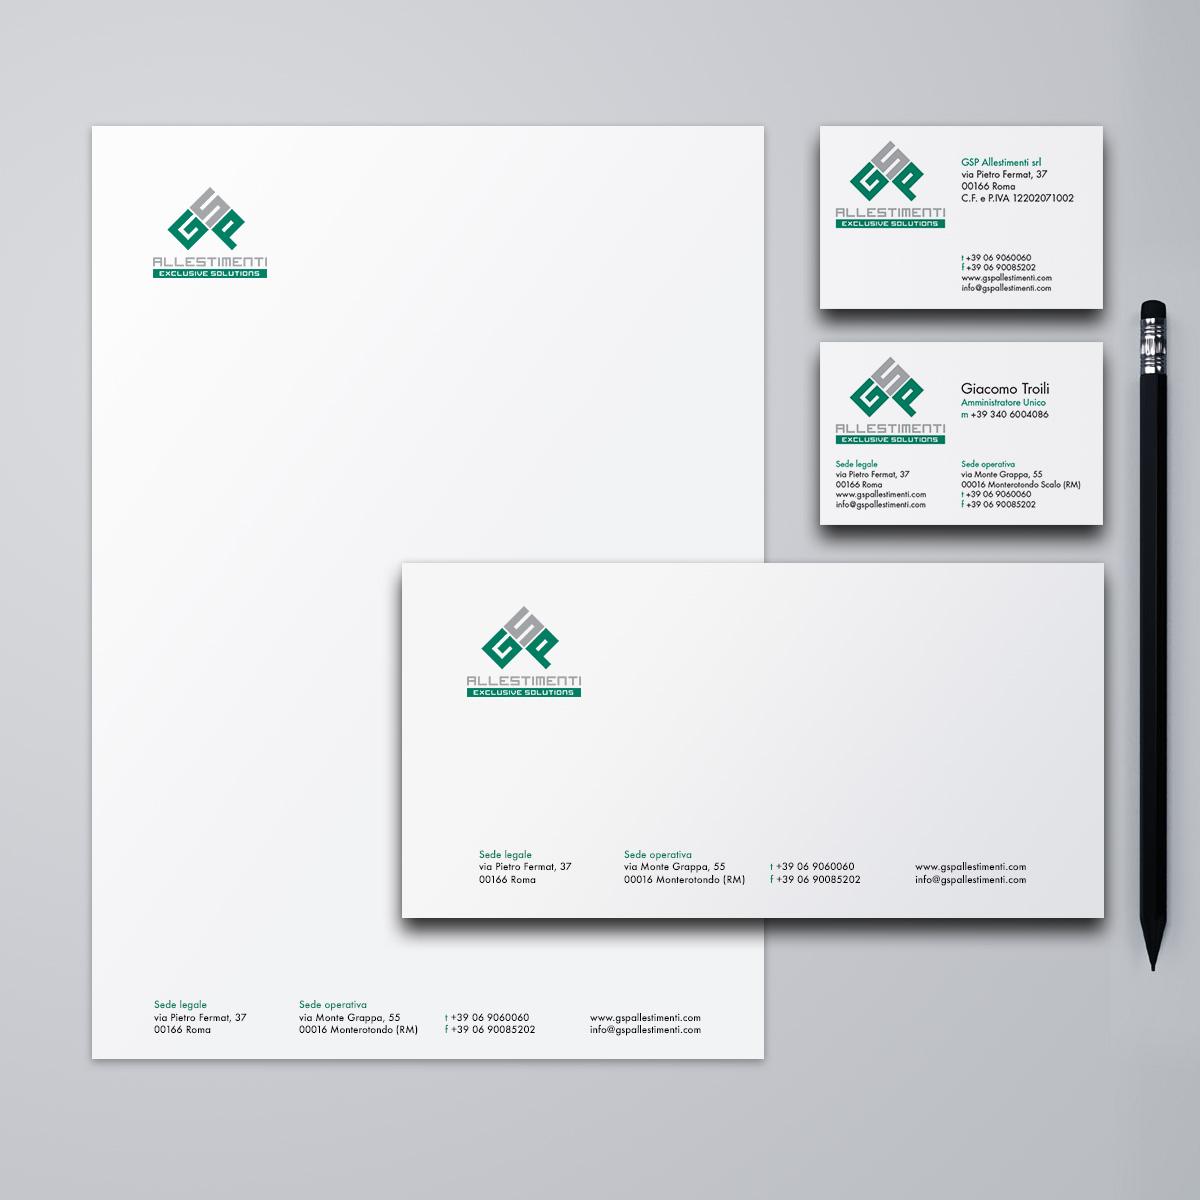 GSP Allestimenti immagine coordinata aziendale - biglietti da visita, carta intestata, busta